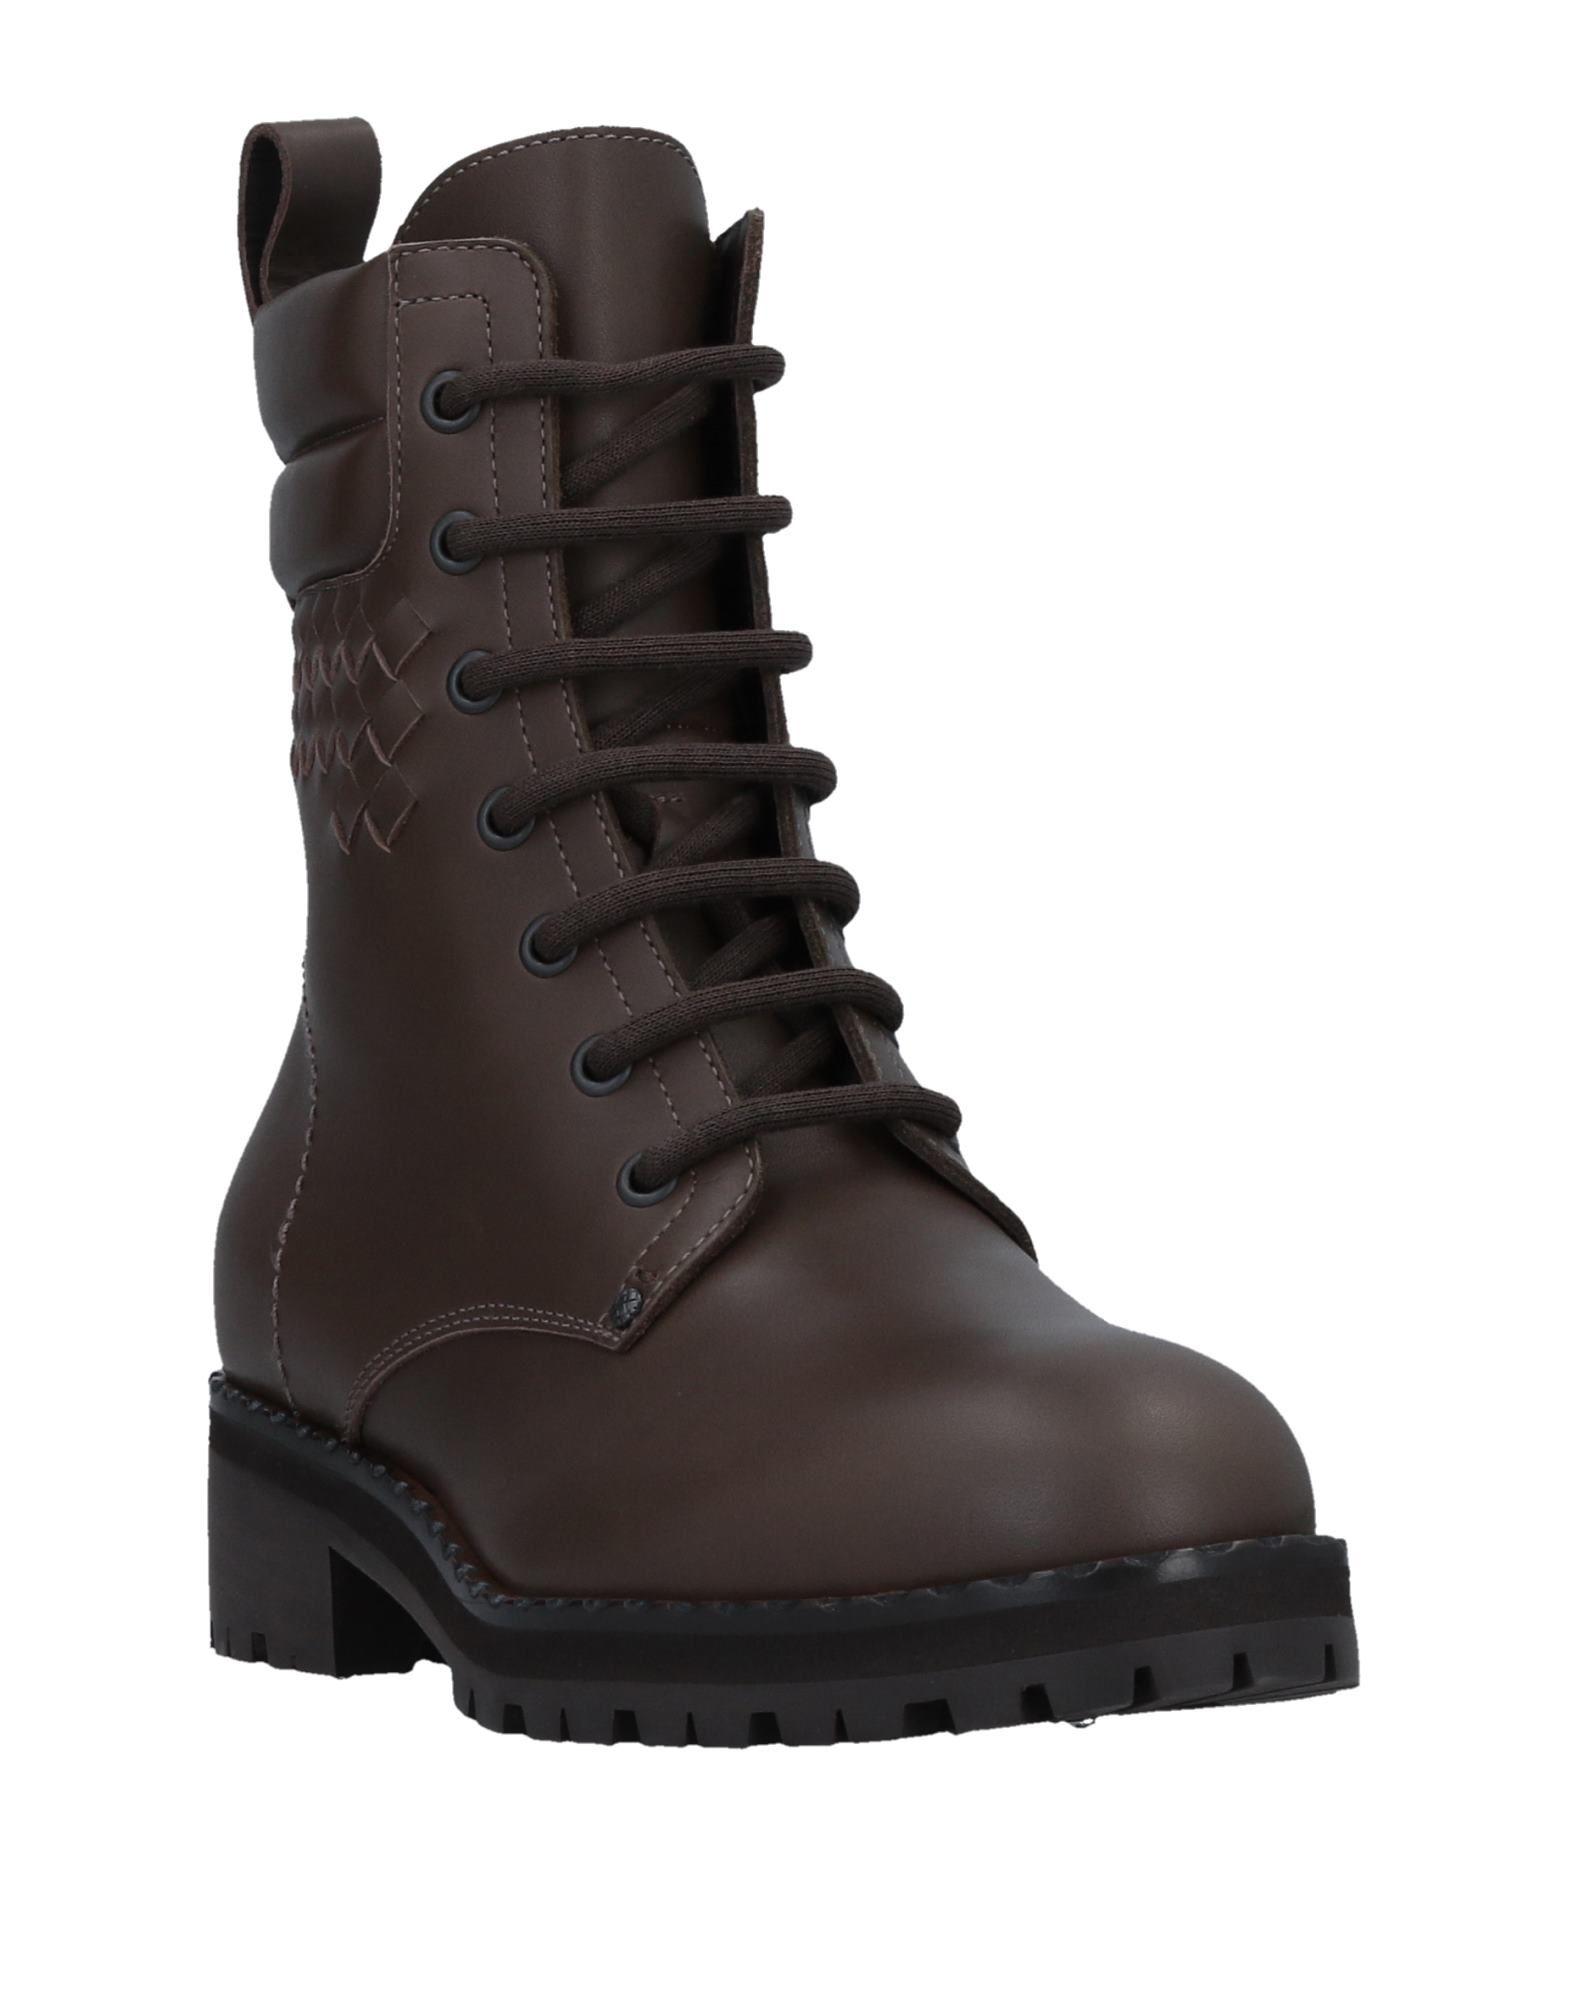 Bottega Veneta Stiefelette Damen  Schuhe 11509389OVGünstige gut aussehende Schuhe  843552